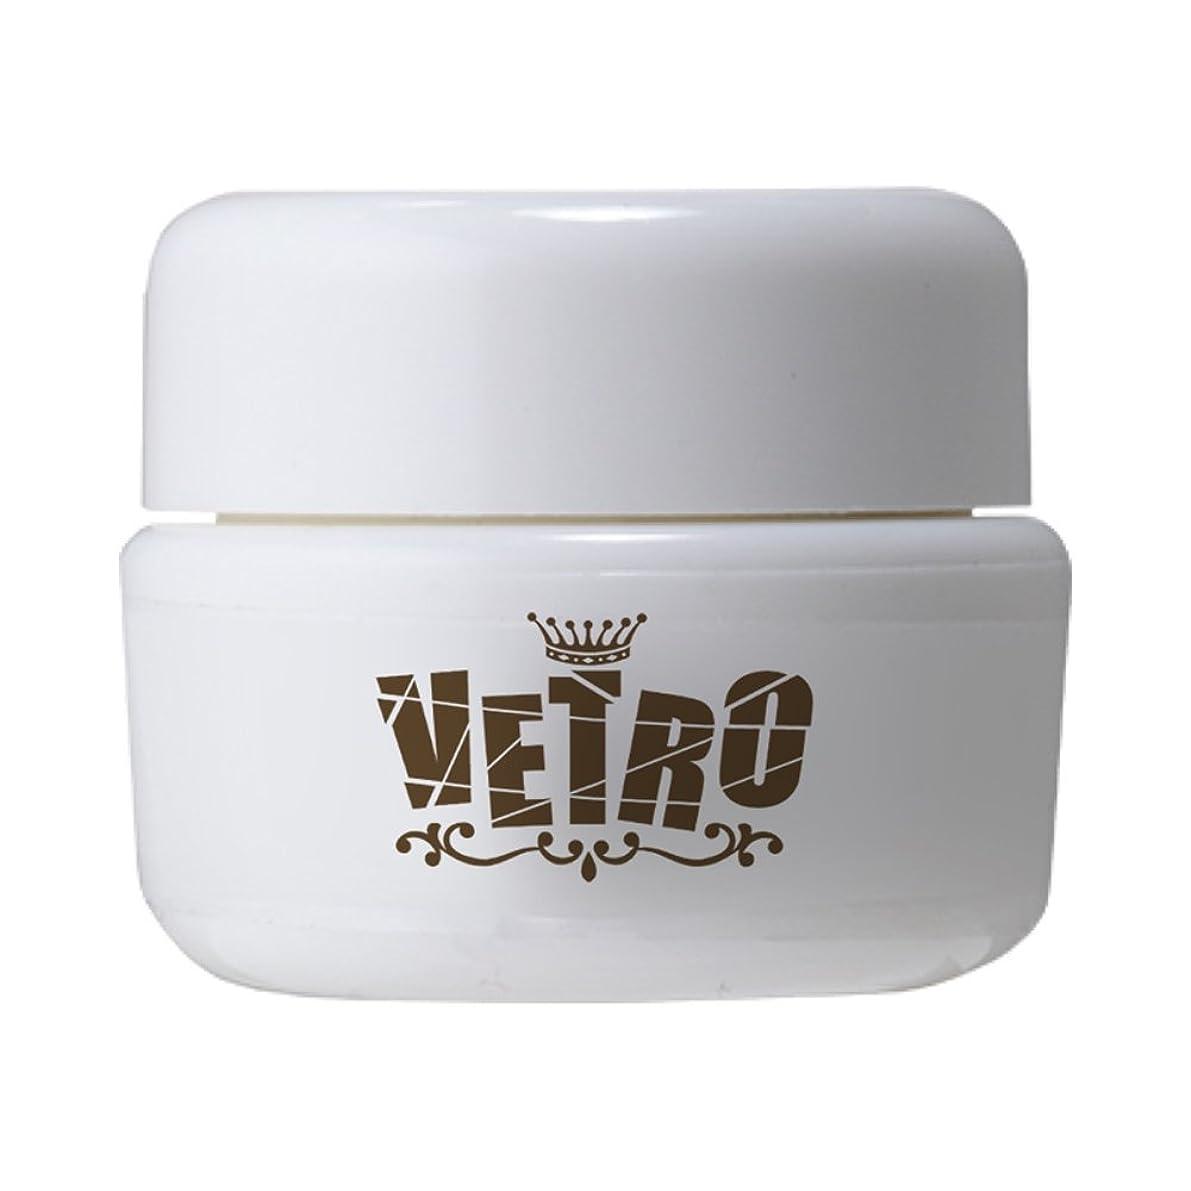 回路満たす標準VETRO No.19 カラージェル マット VL072 バイオレット 4ml